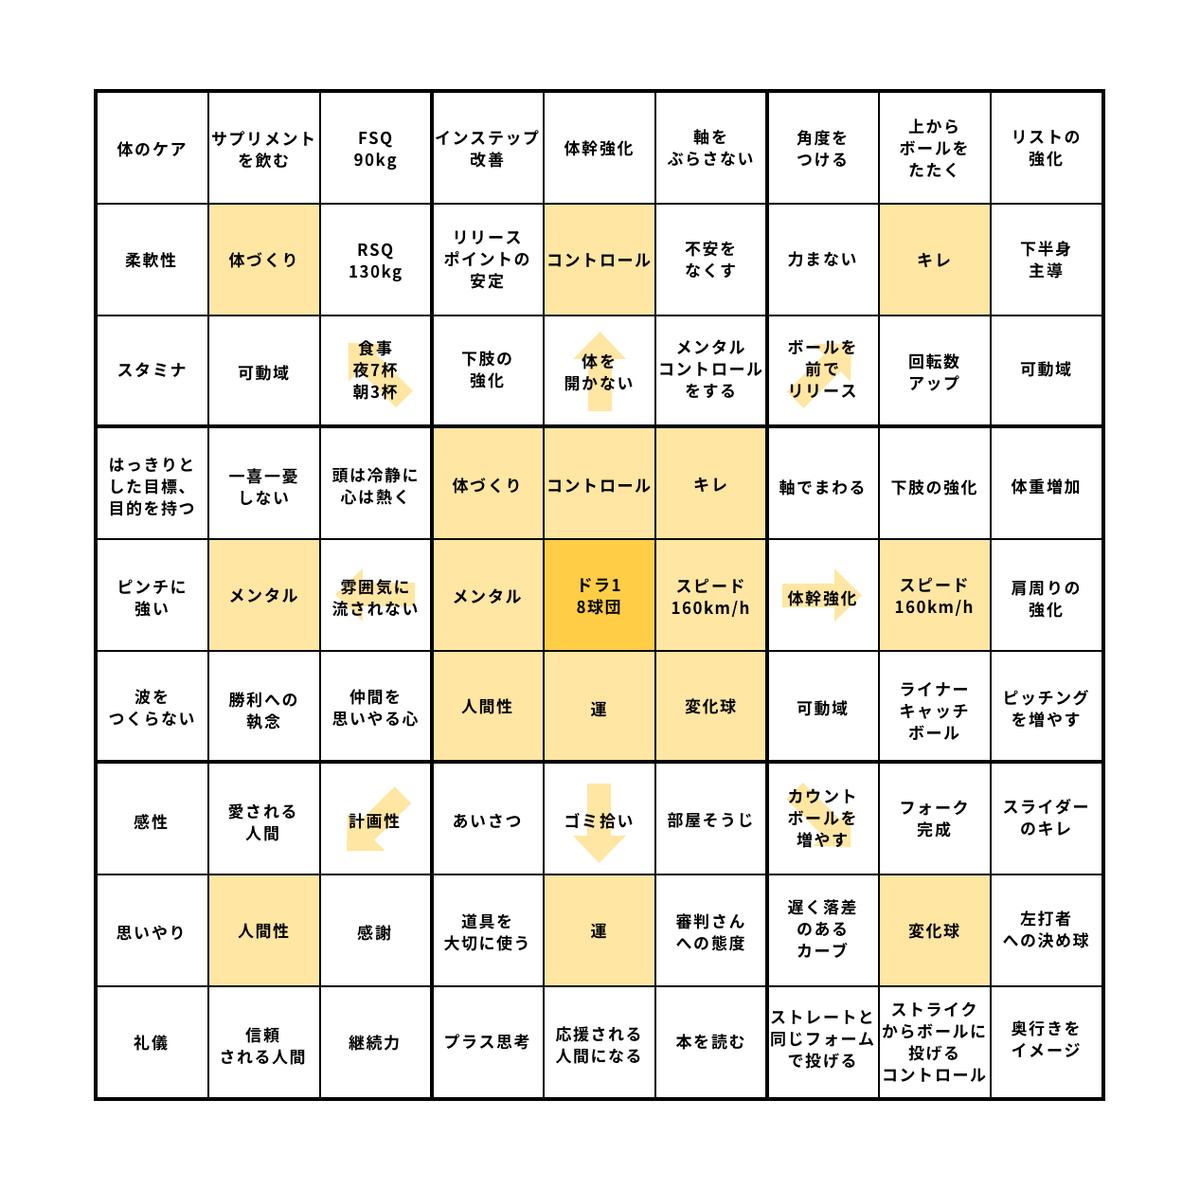 大谷翔平の曼荼羅チャート